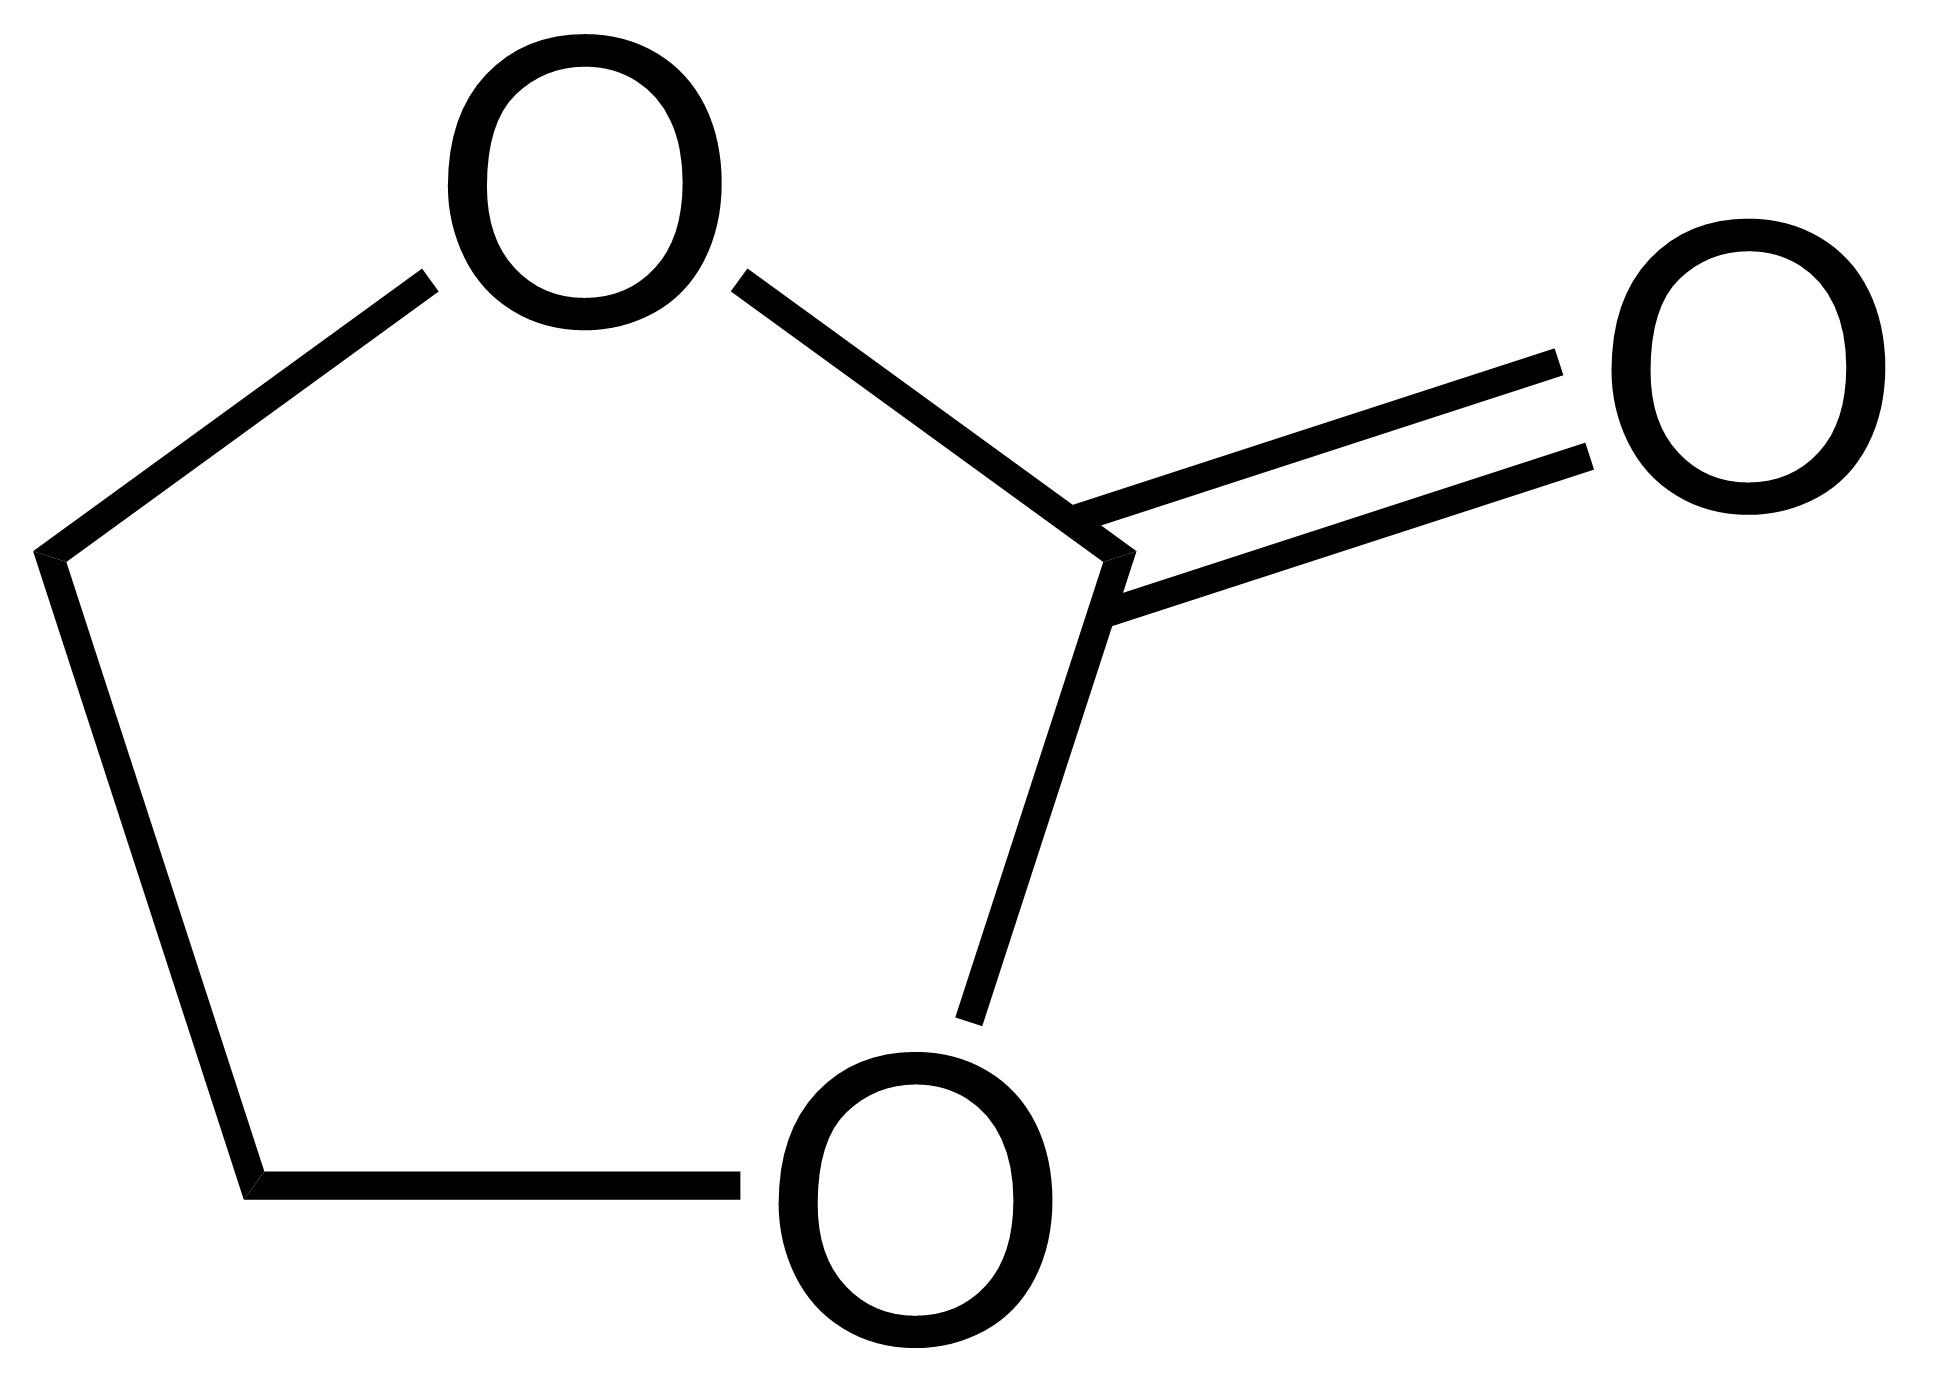 Ethylene carbonate - Wikipedia